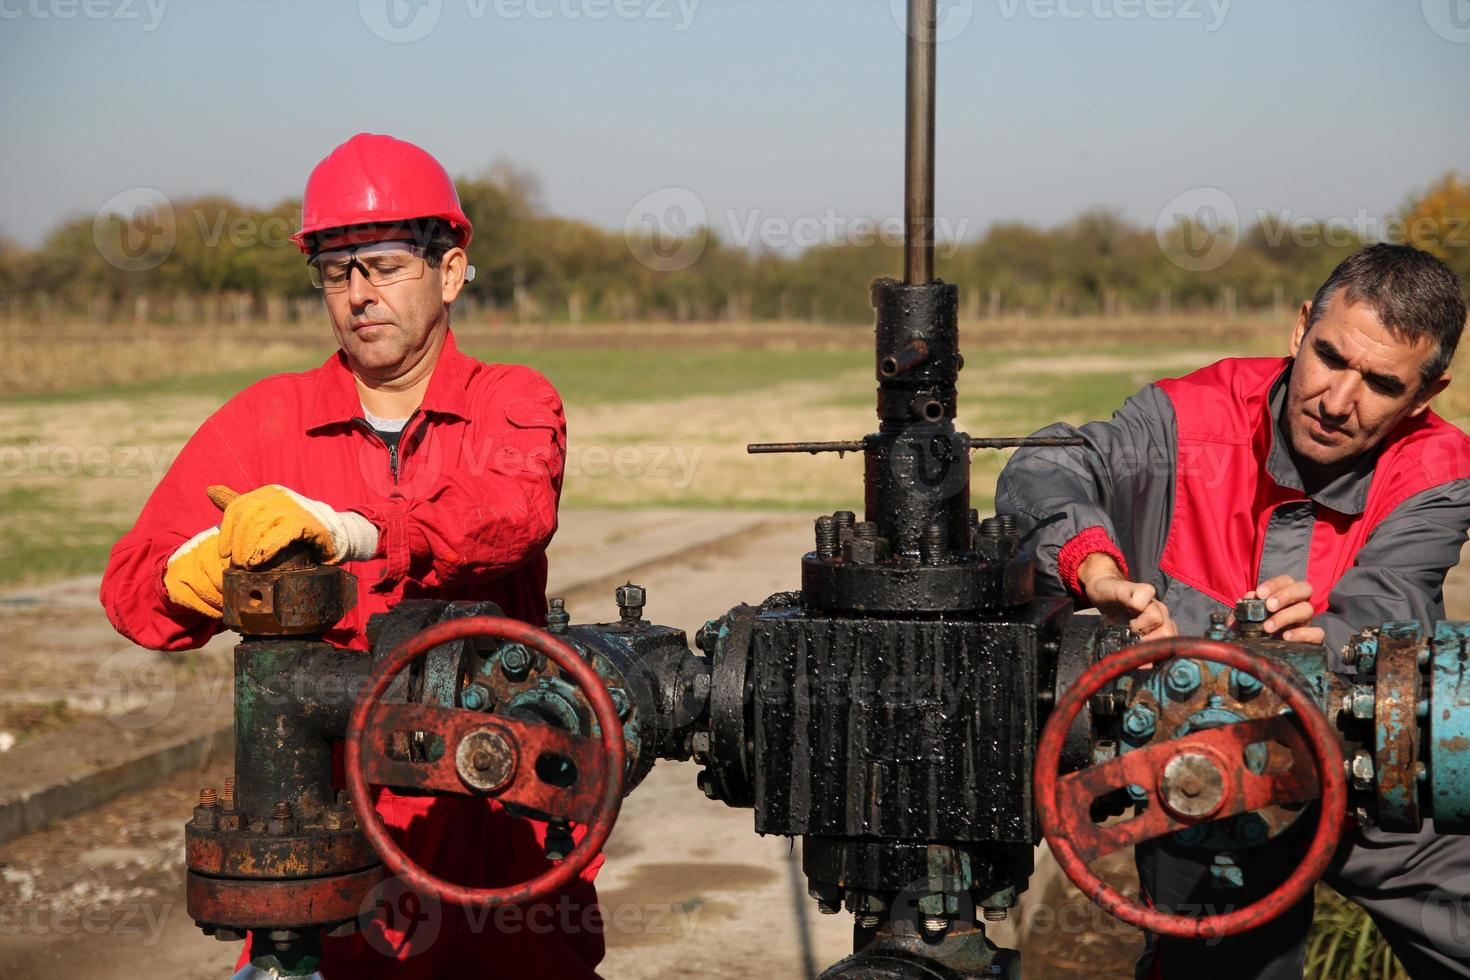 Zwei qualifizierte Öl- und Gasingenieure an der Ölquelle im Einsatz foto